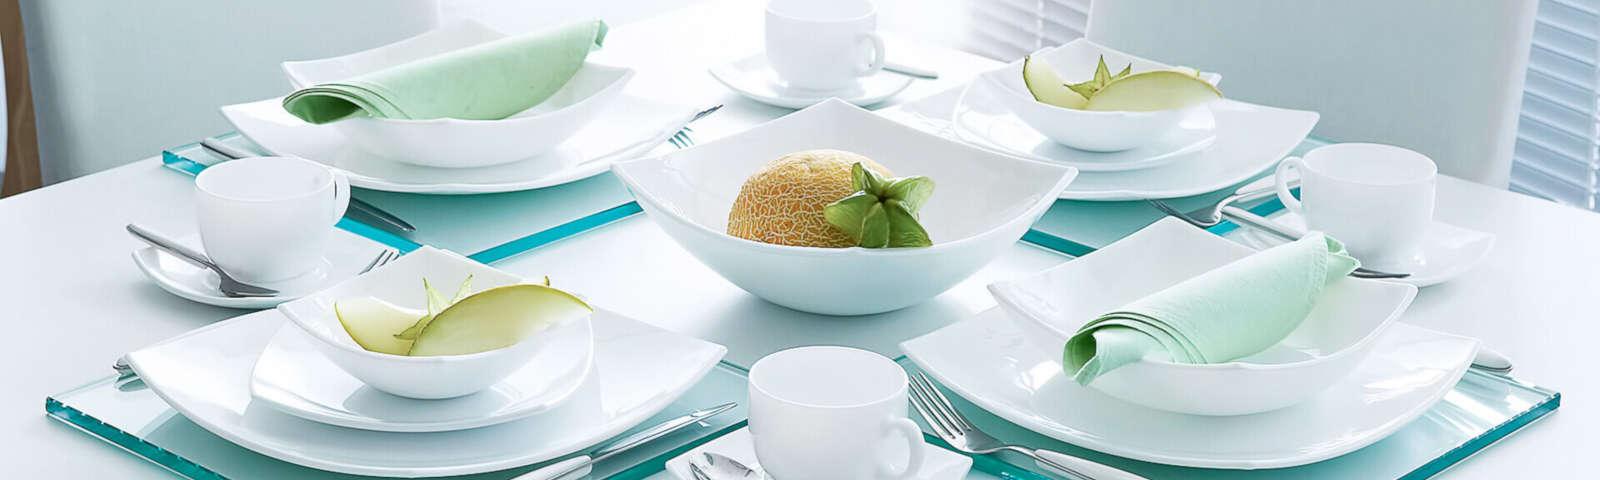 тарелки квадратные белые